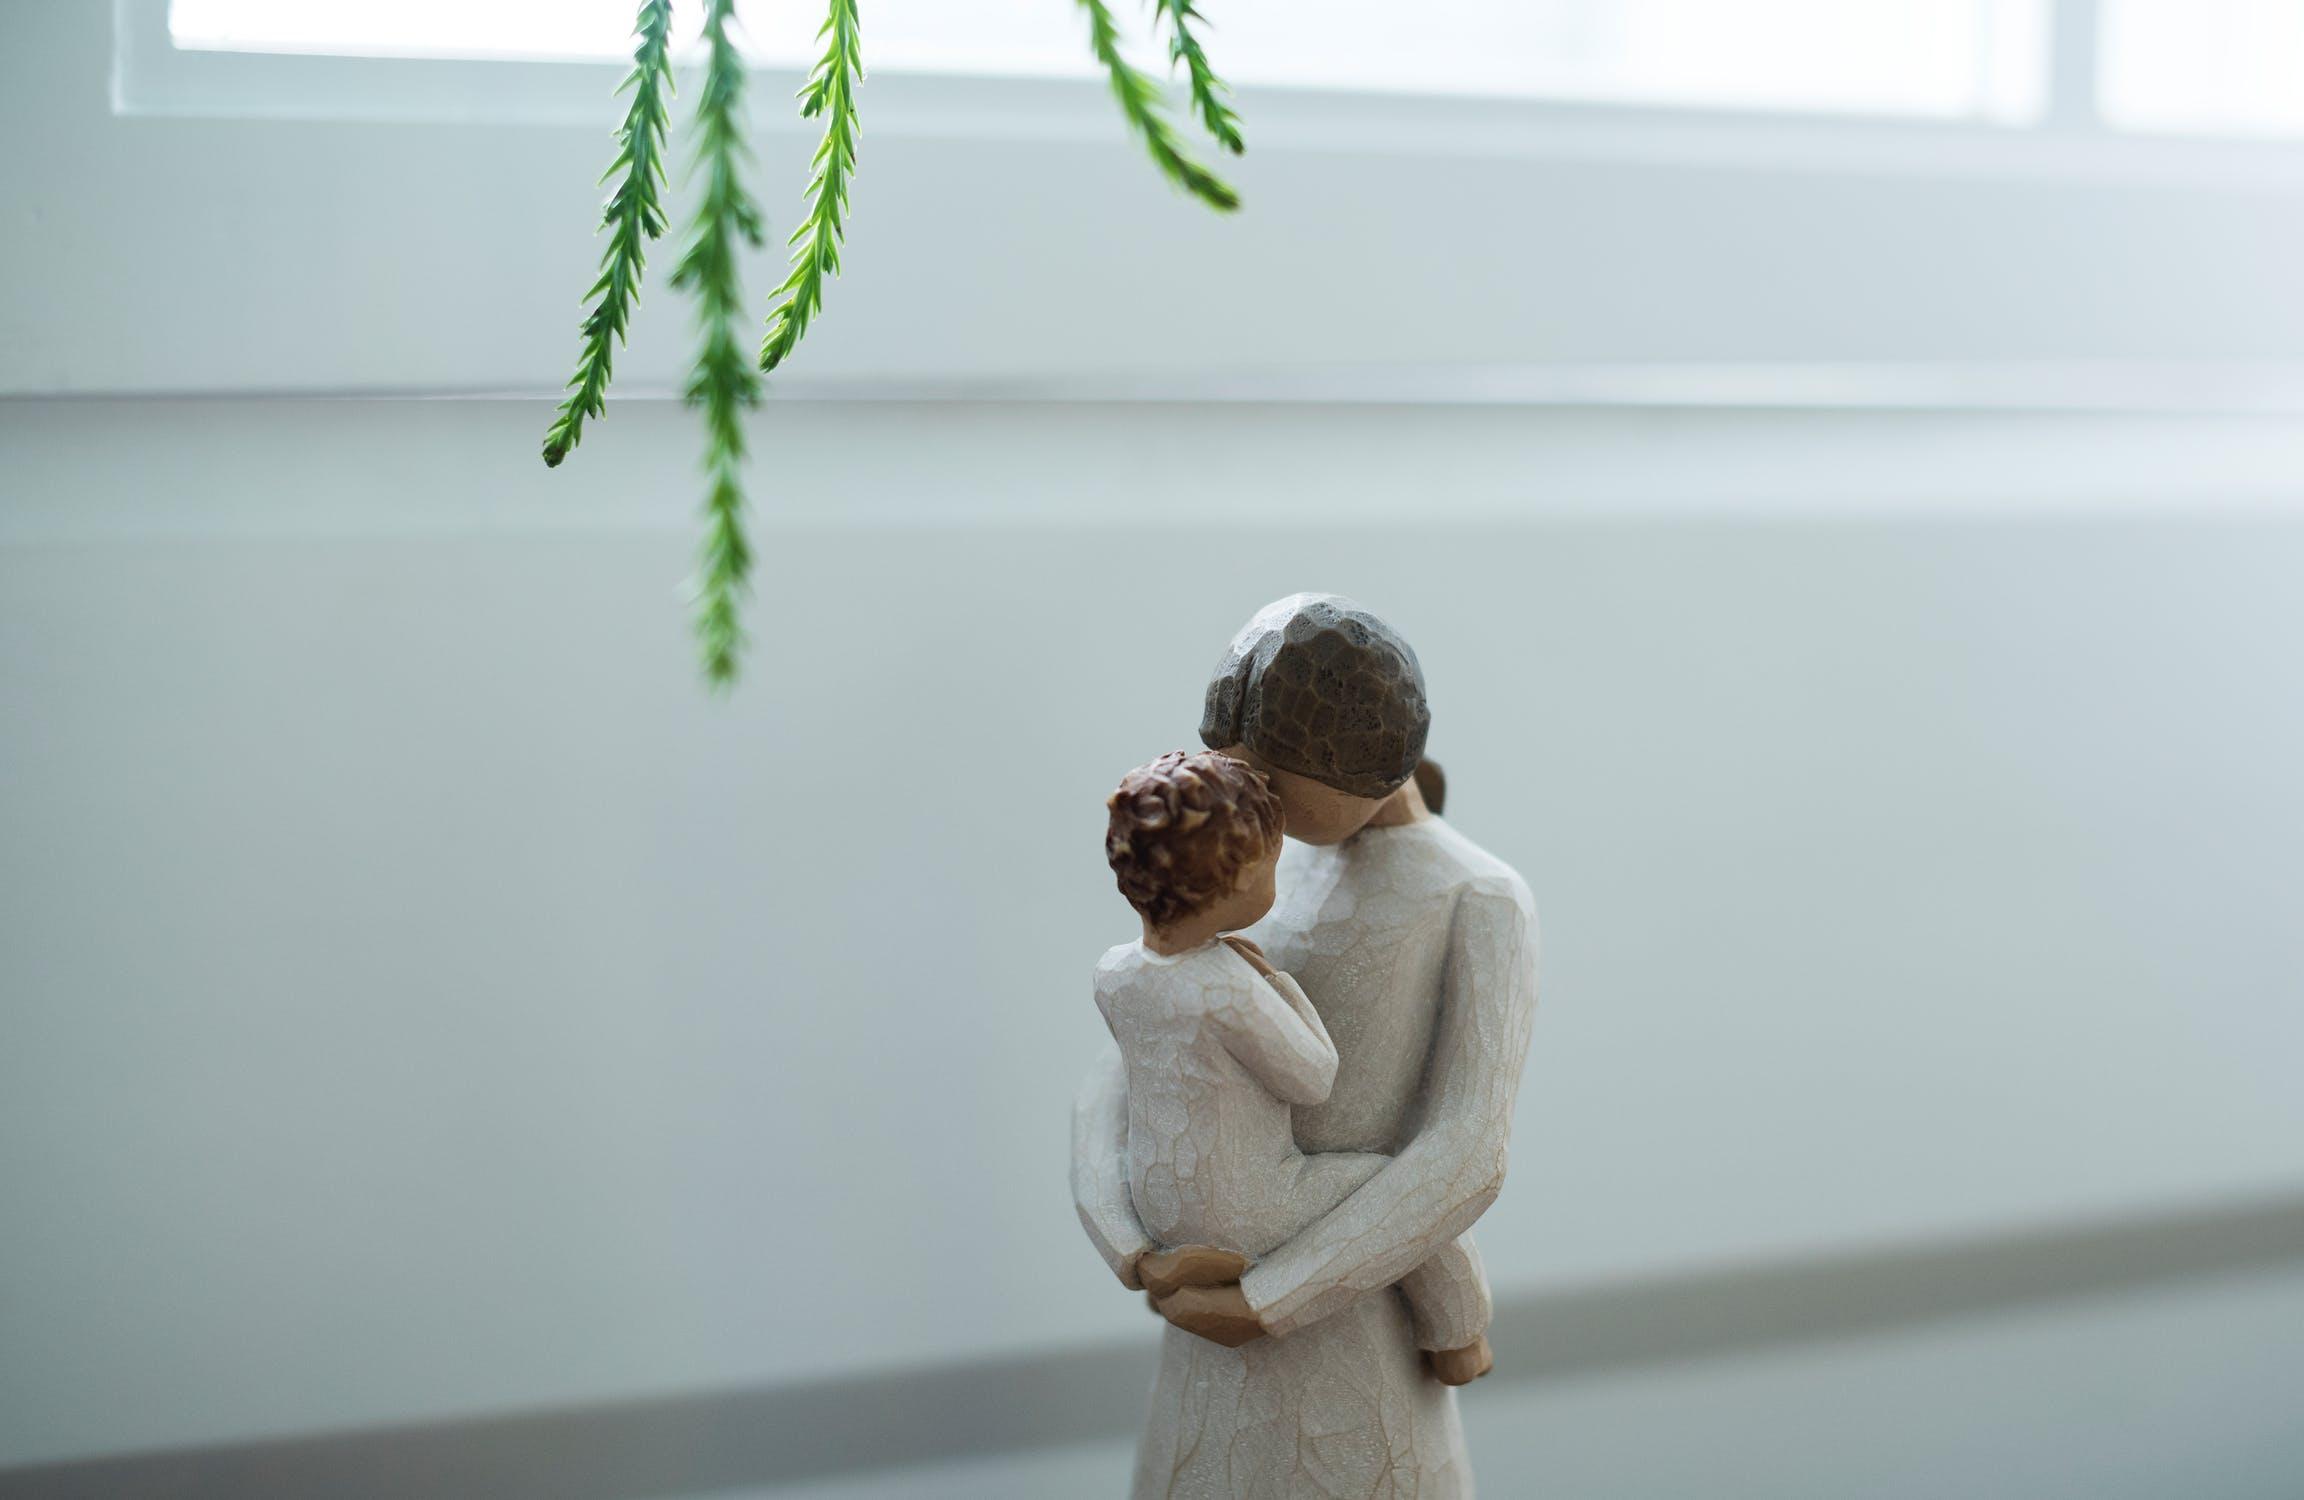 12月30日 親から子へ幸せの連鎖をつなげる 一悟術ヒーリング体験会@東京・新宿